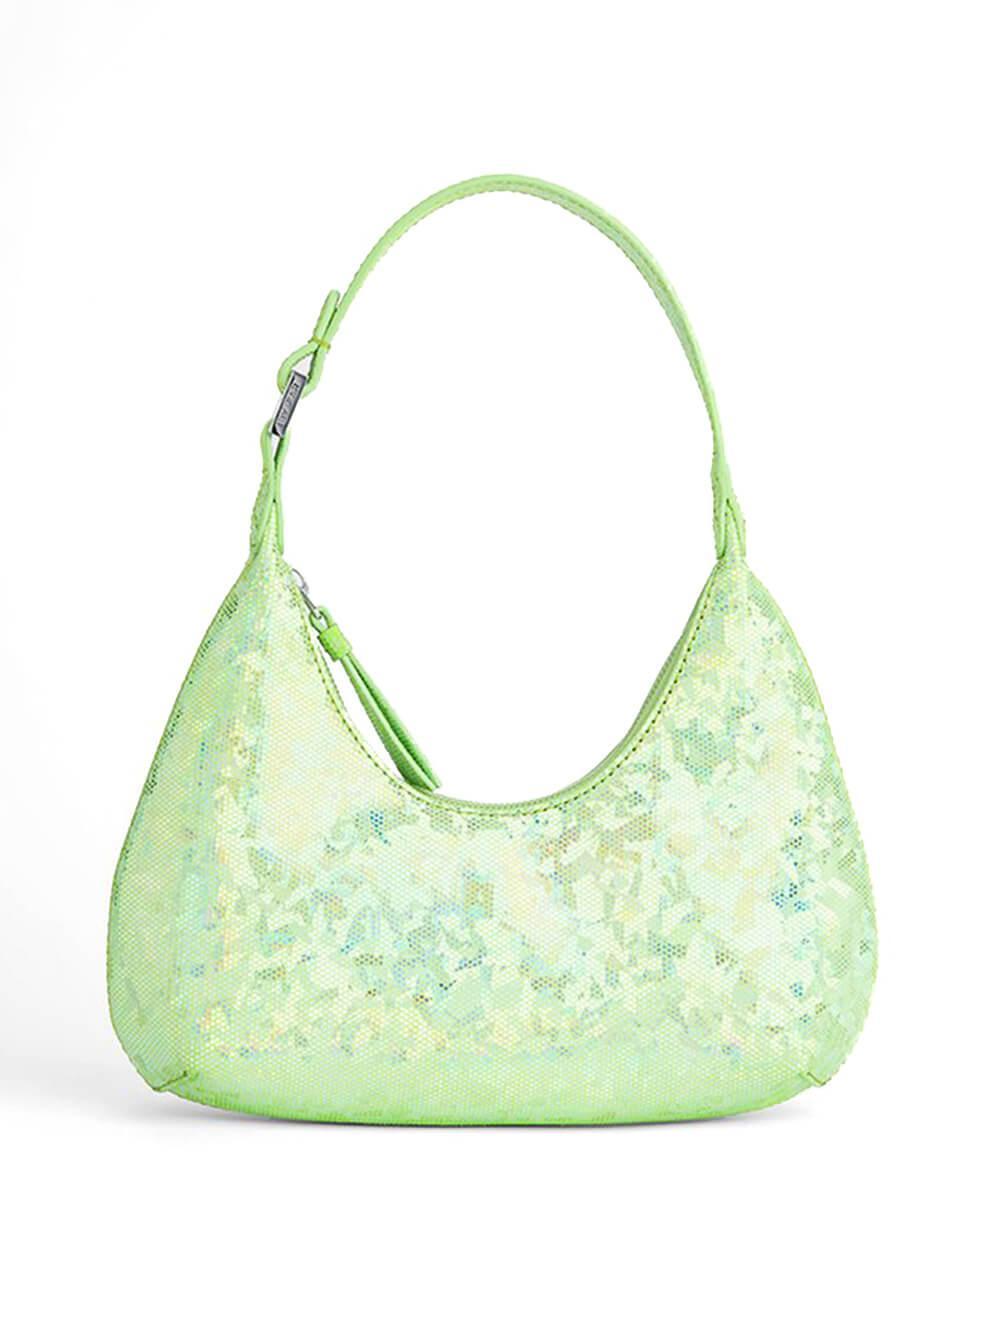 Baby Amber Hologram Shoulder Bag Item # 21PFBAS